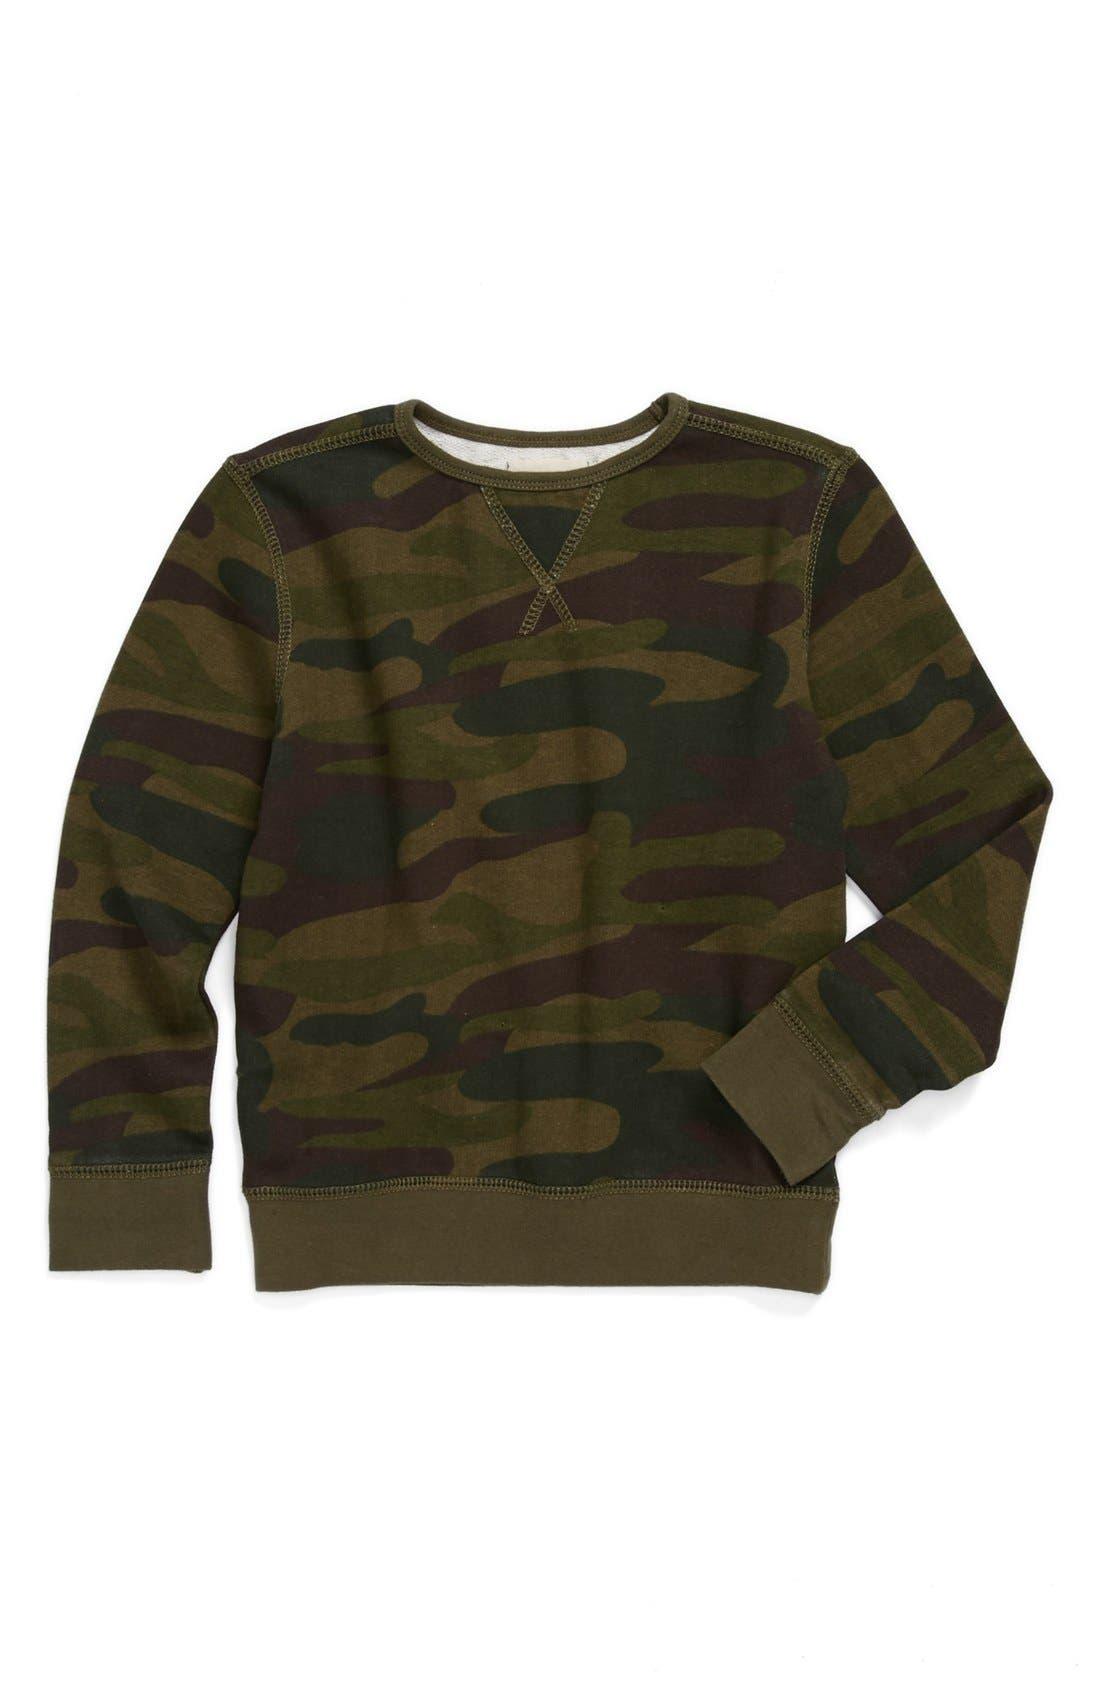 Alternate Image 1 Selected - Peek 'Camo' Sweatshirt (Baby Boys)